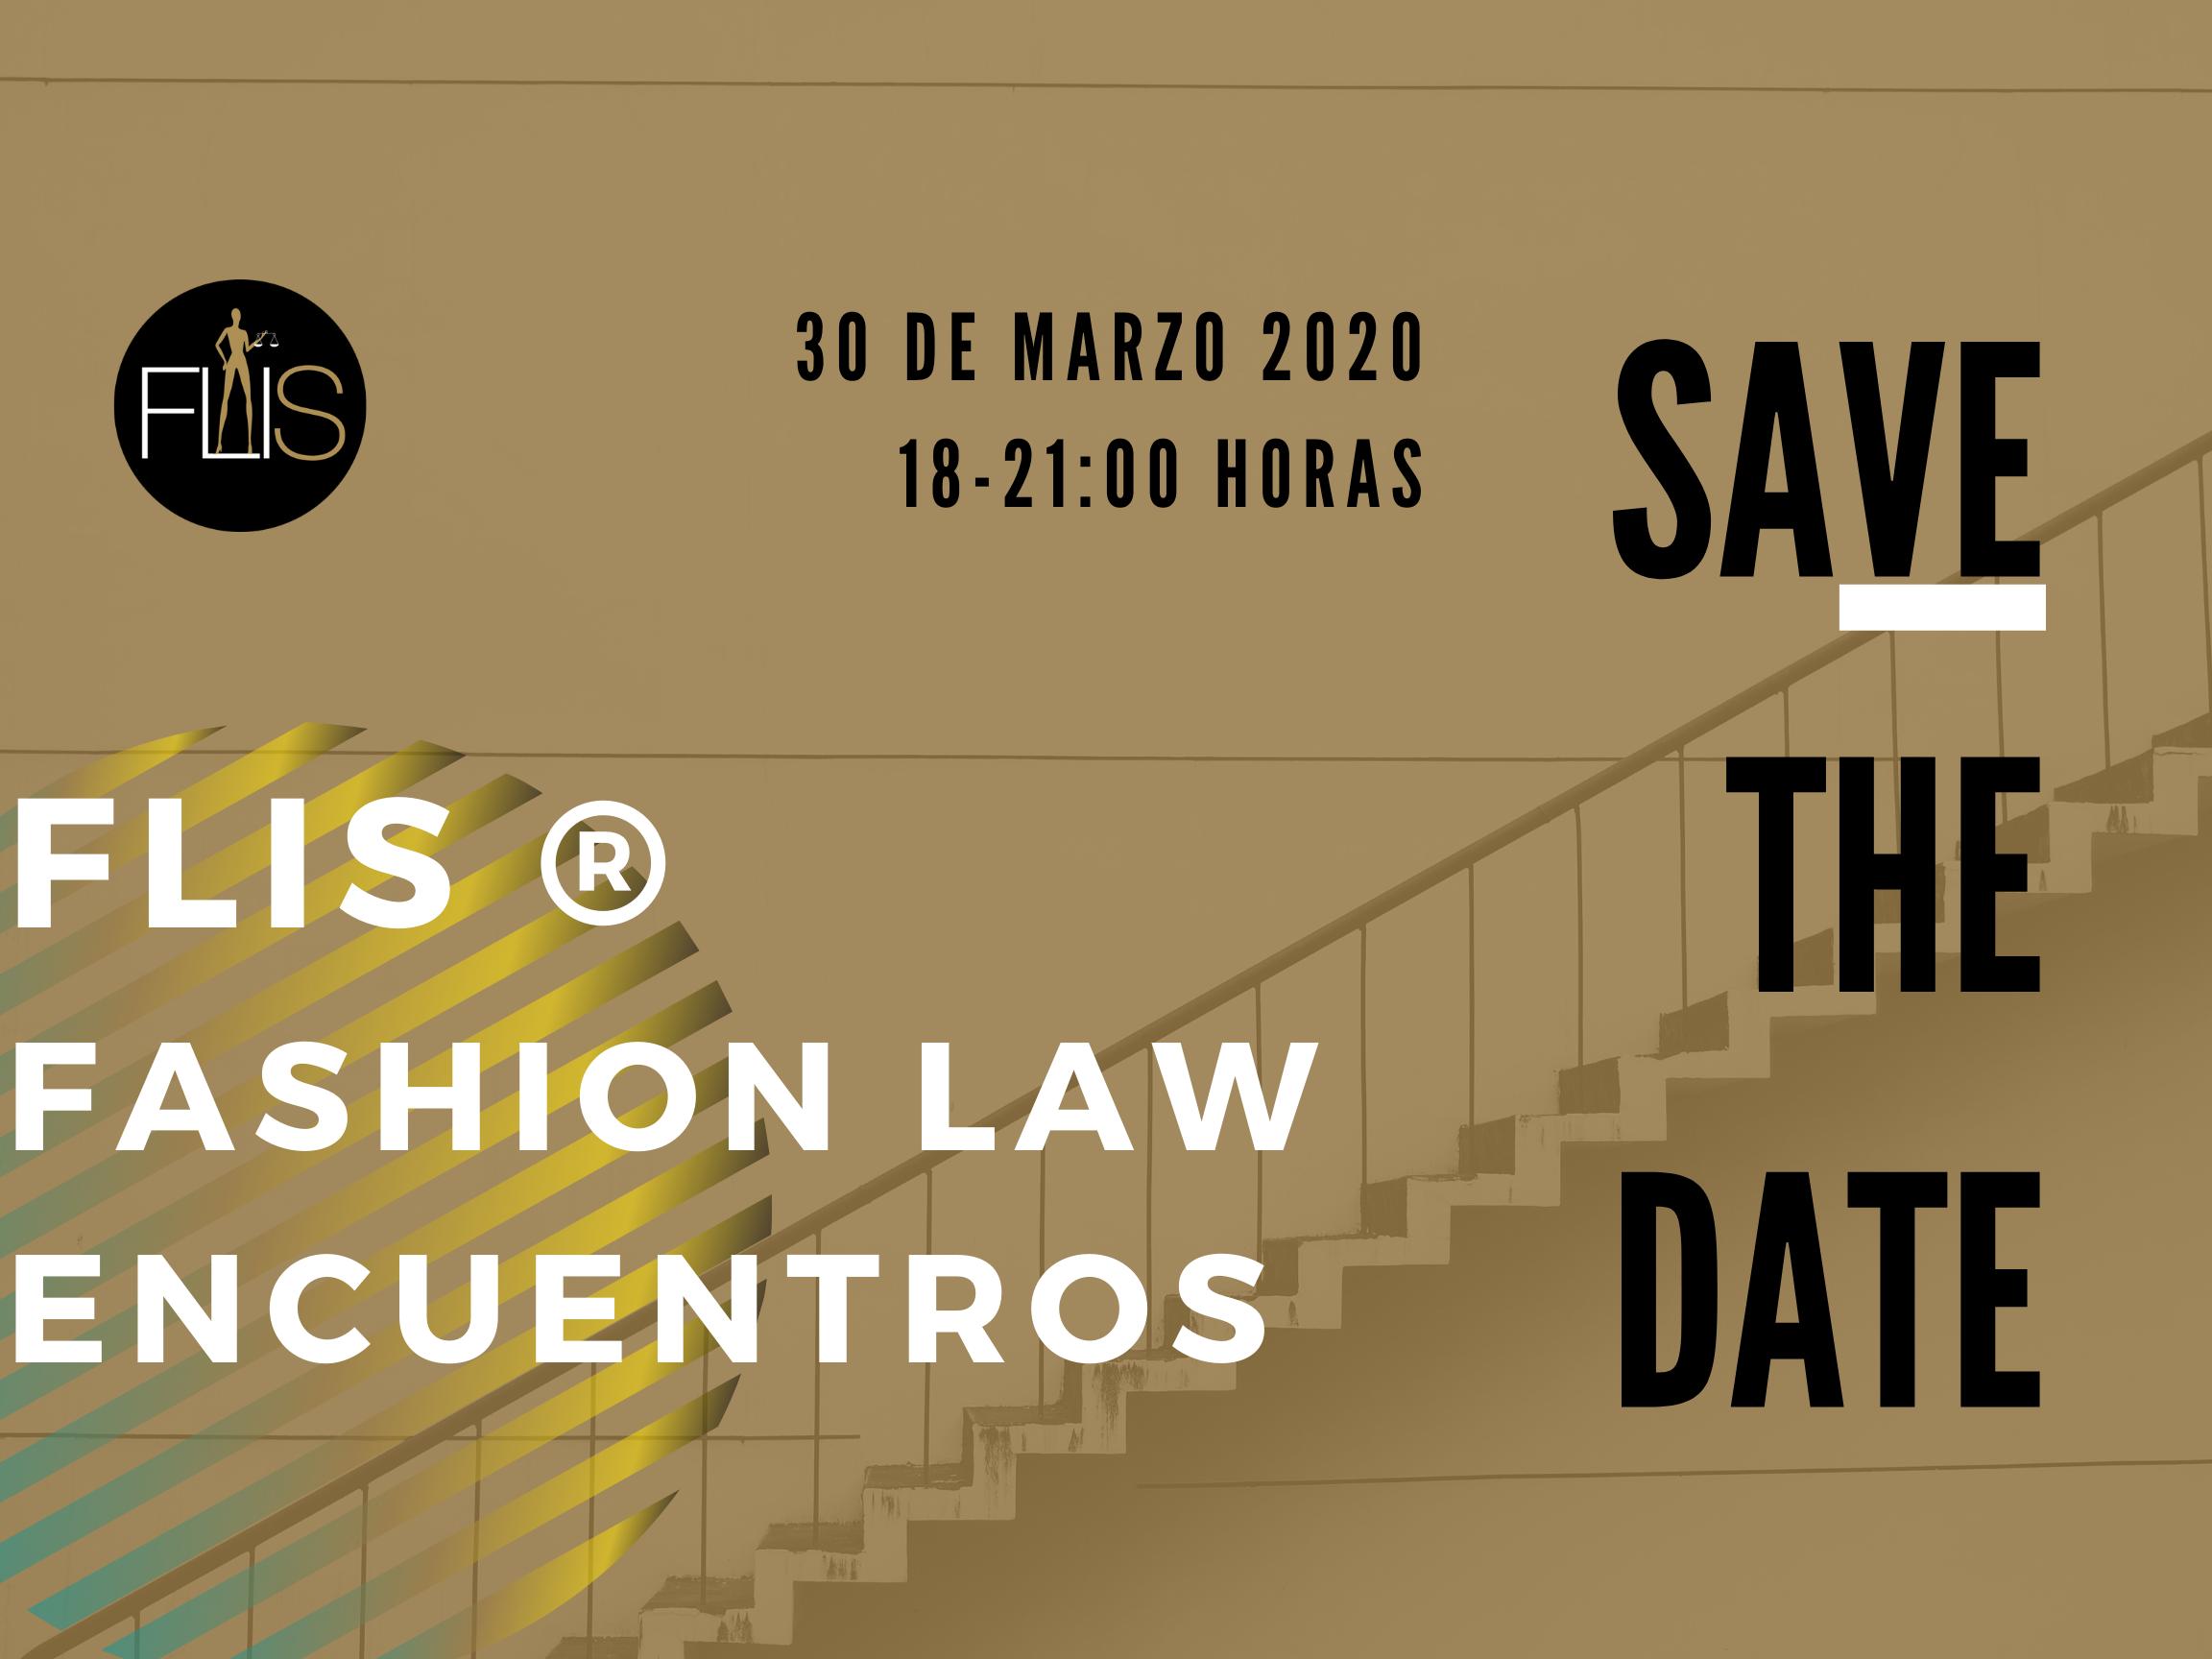 Lanzamiento de FLIS® revista especializada en Moda y Derecho en español